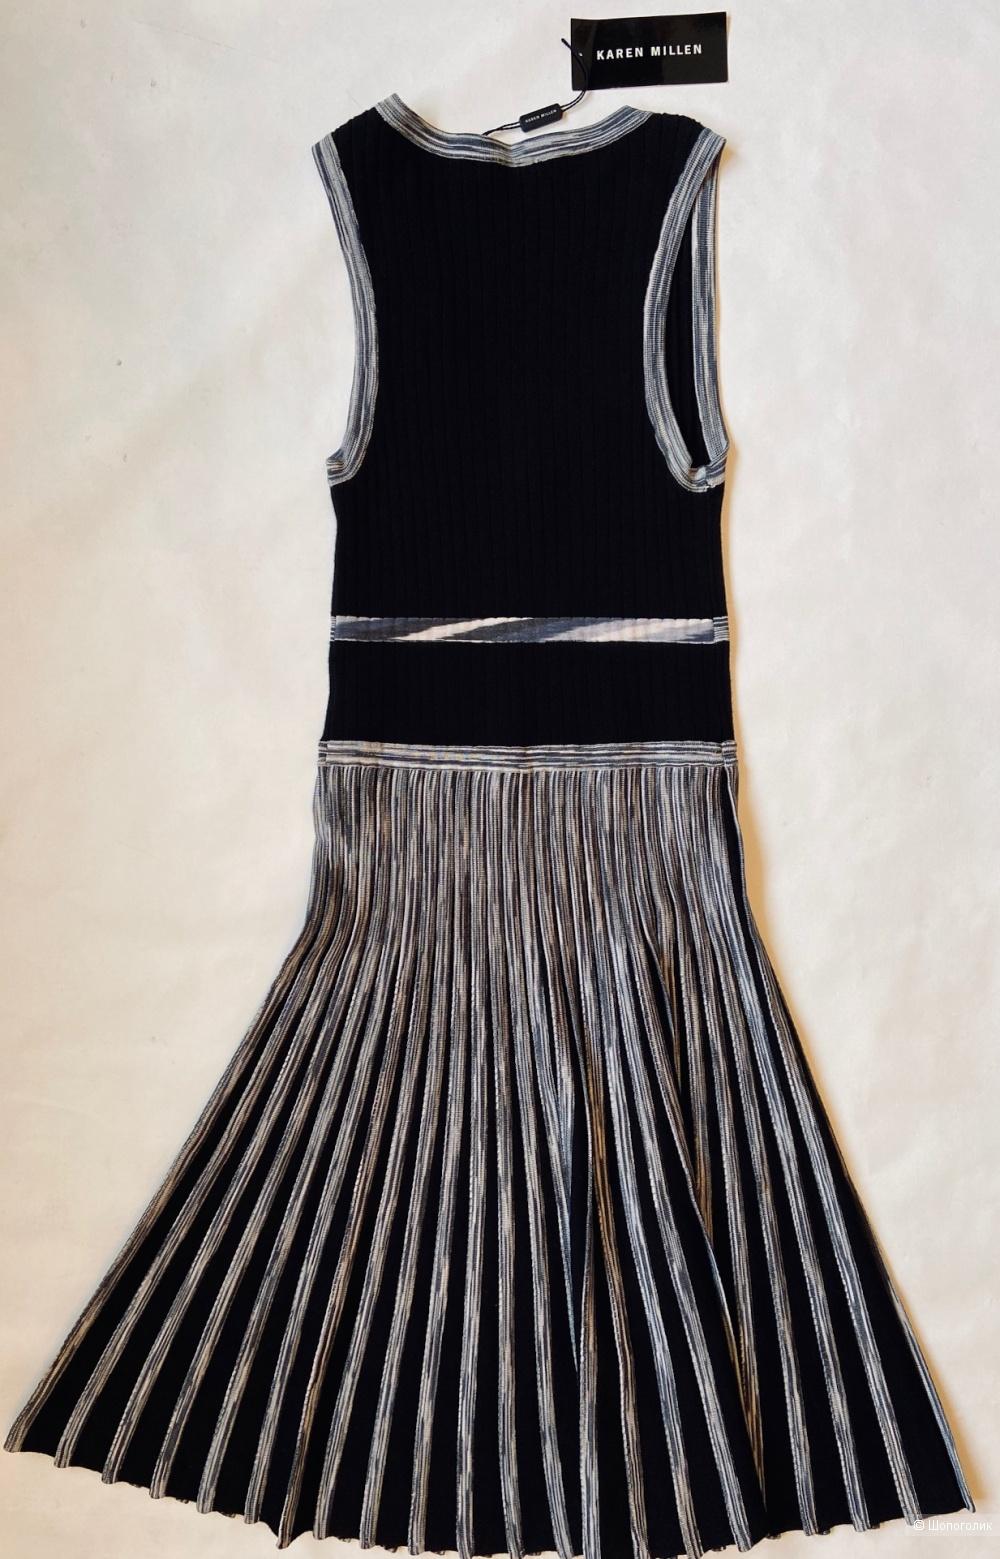 Karen Millen платье 2 (42-44)